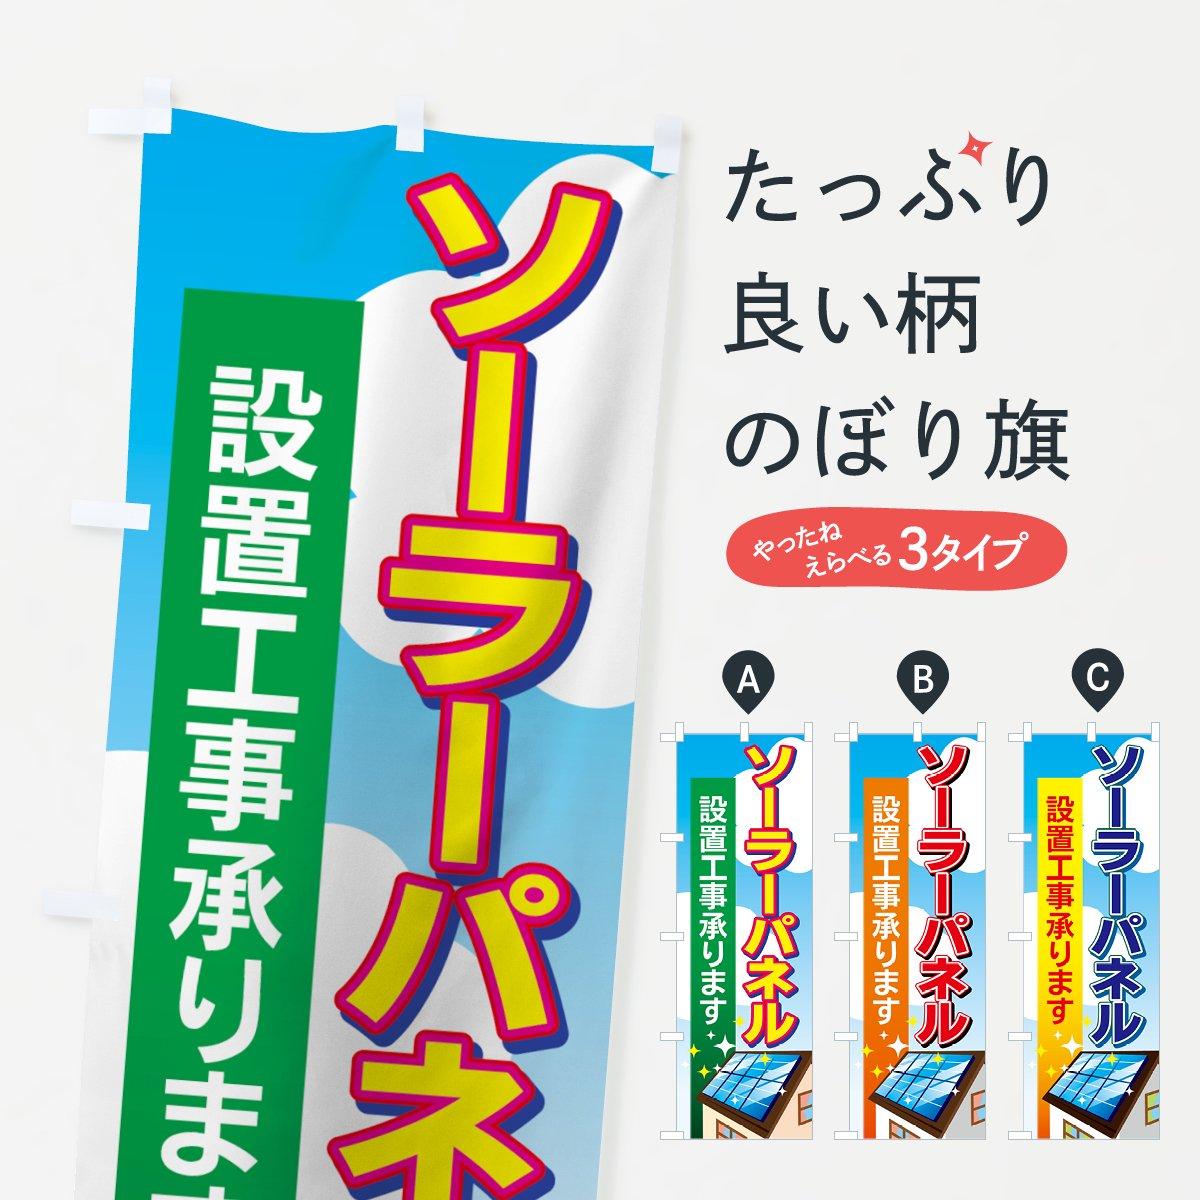 ソーラーパネルのぼり旗【設置工事】[ソーラー発電][工事(電器・電気)]